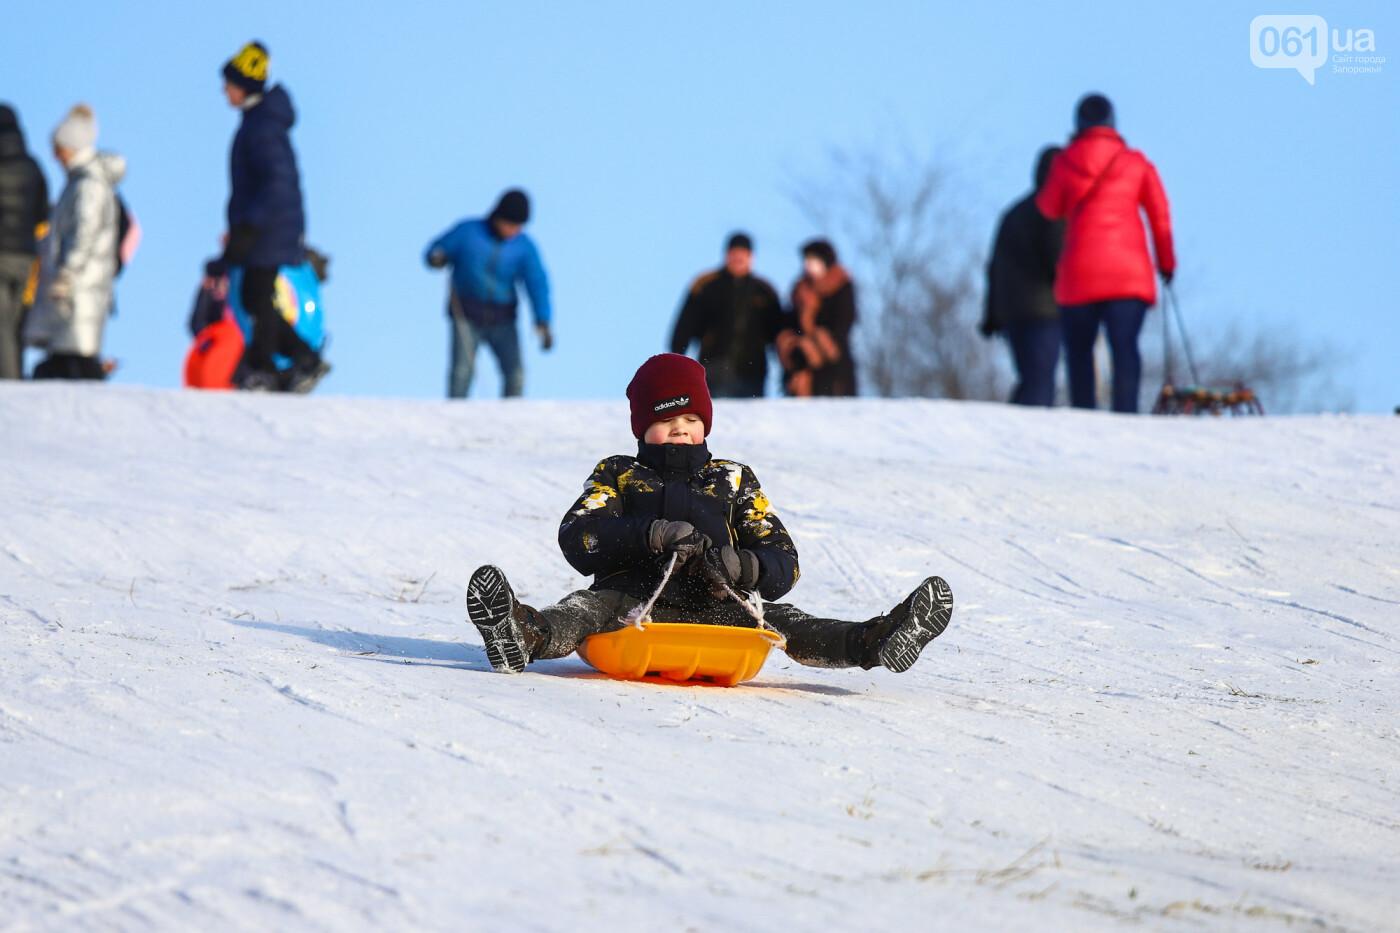 На санках, лыжах и сноуборде: запорожцы устроили массовое катание с горок в Вознесеновском парке, - ФОТОРЕПОРТАЖ, фото-94